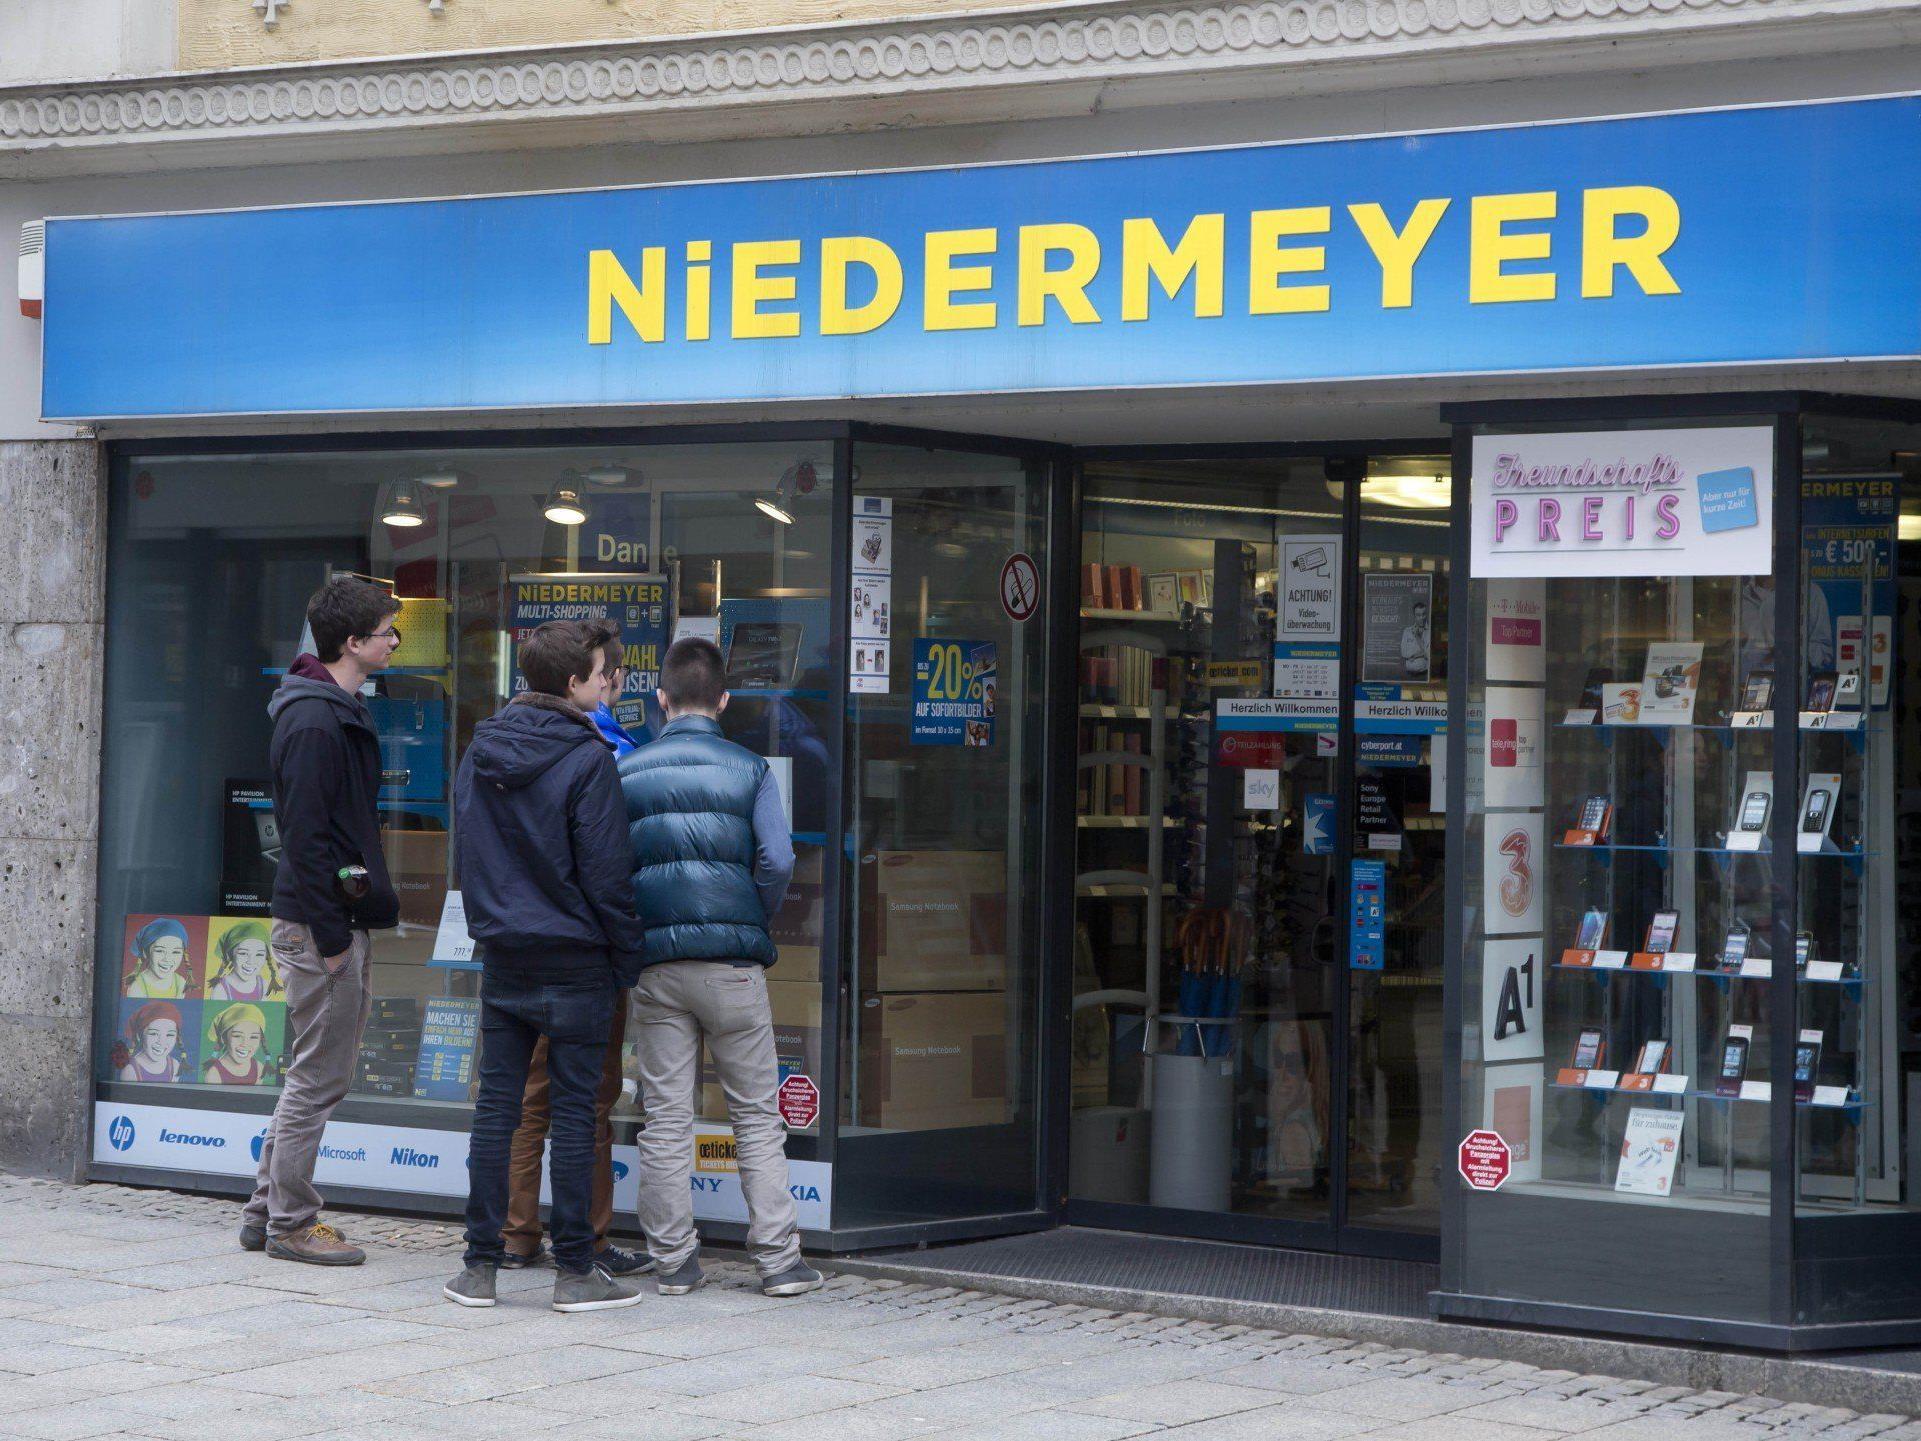 Die Niedermeyer-Filiale in Bregenz: Droht das Aus?